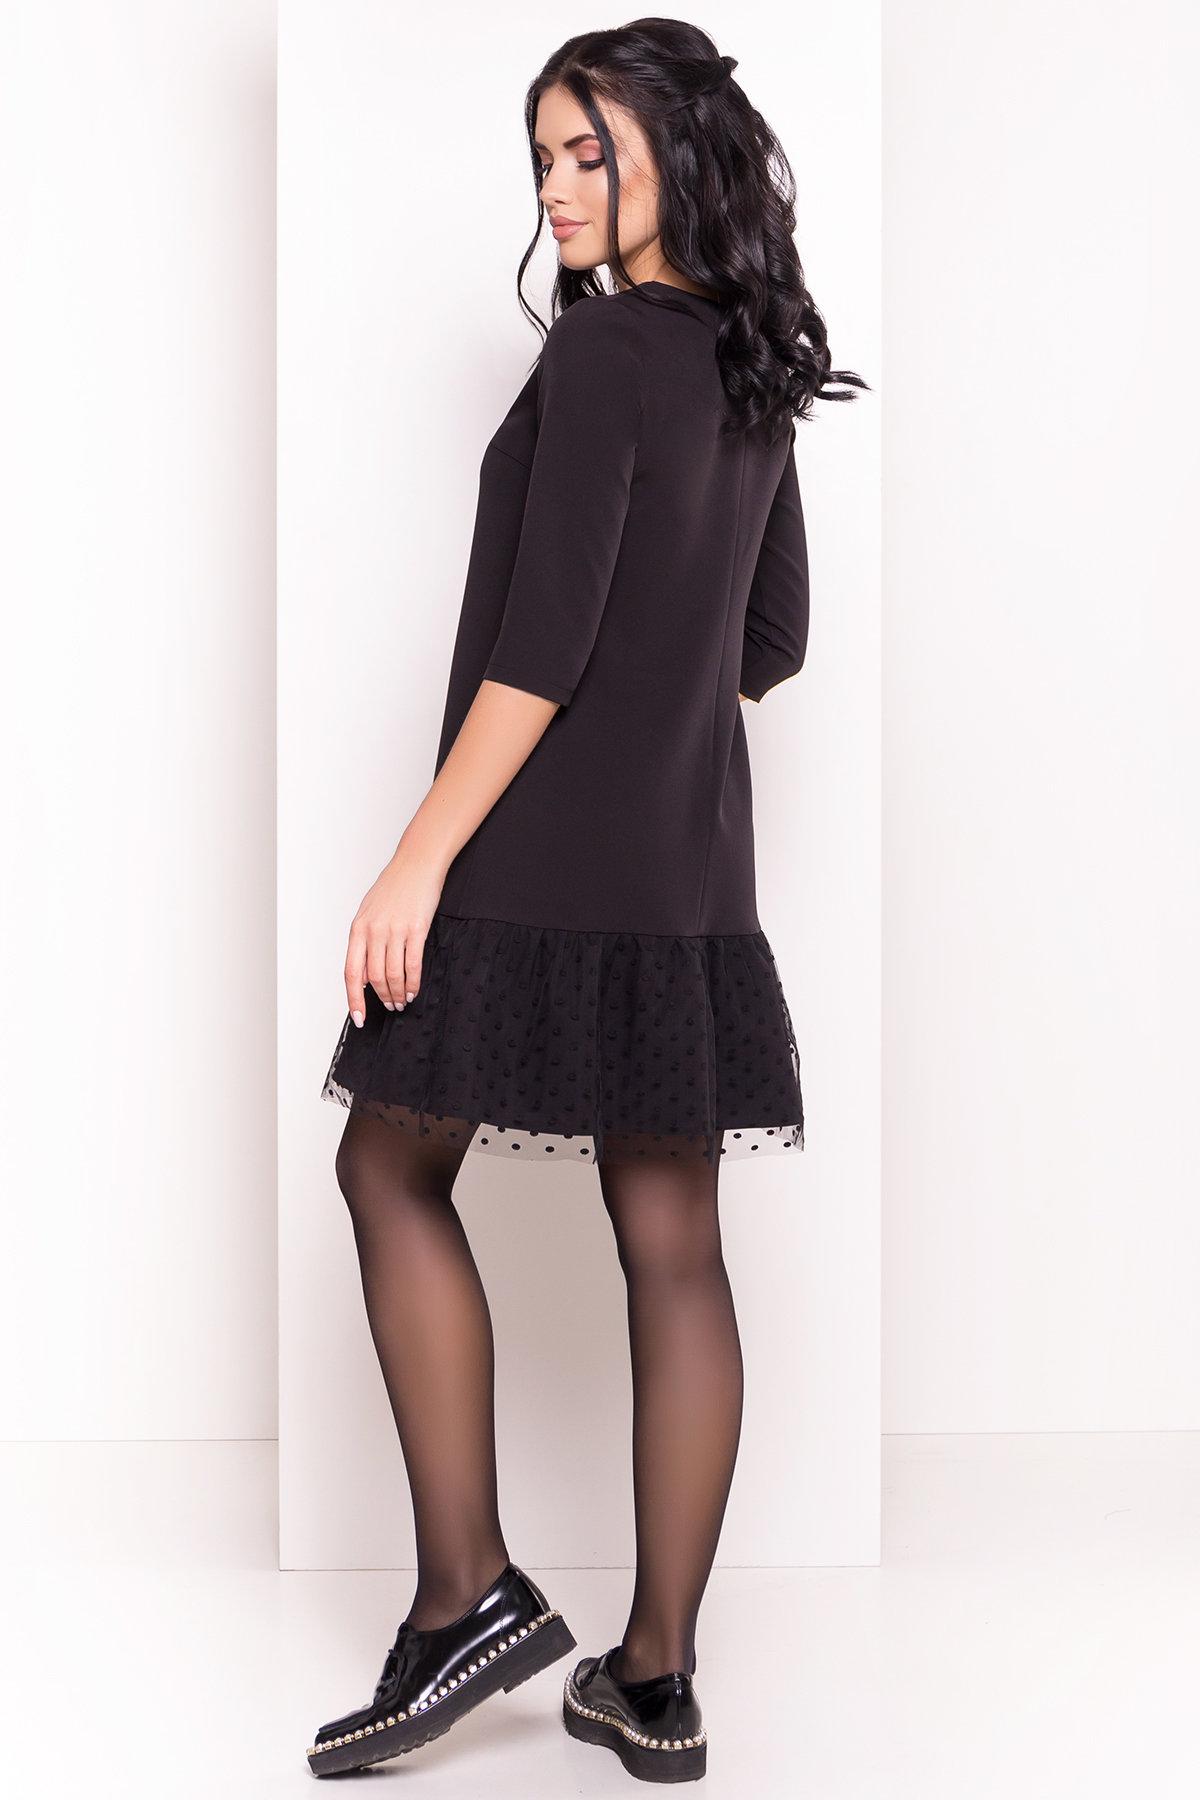 Платье Медисон 5950 АРТ. 40482 Цвет: Черный - фото 2, интернет магазин tm-modus.ru